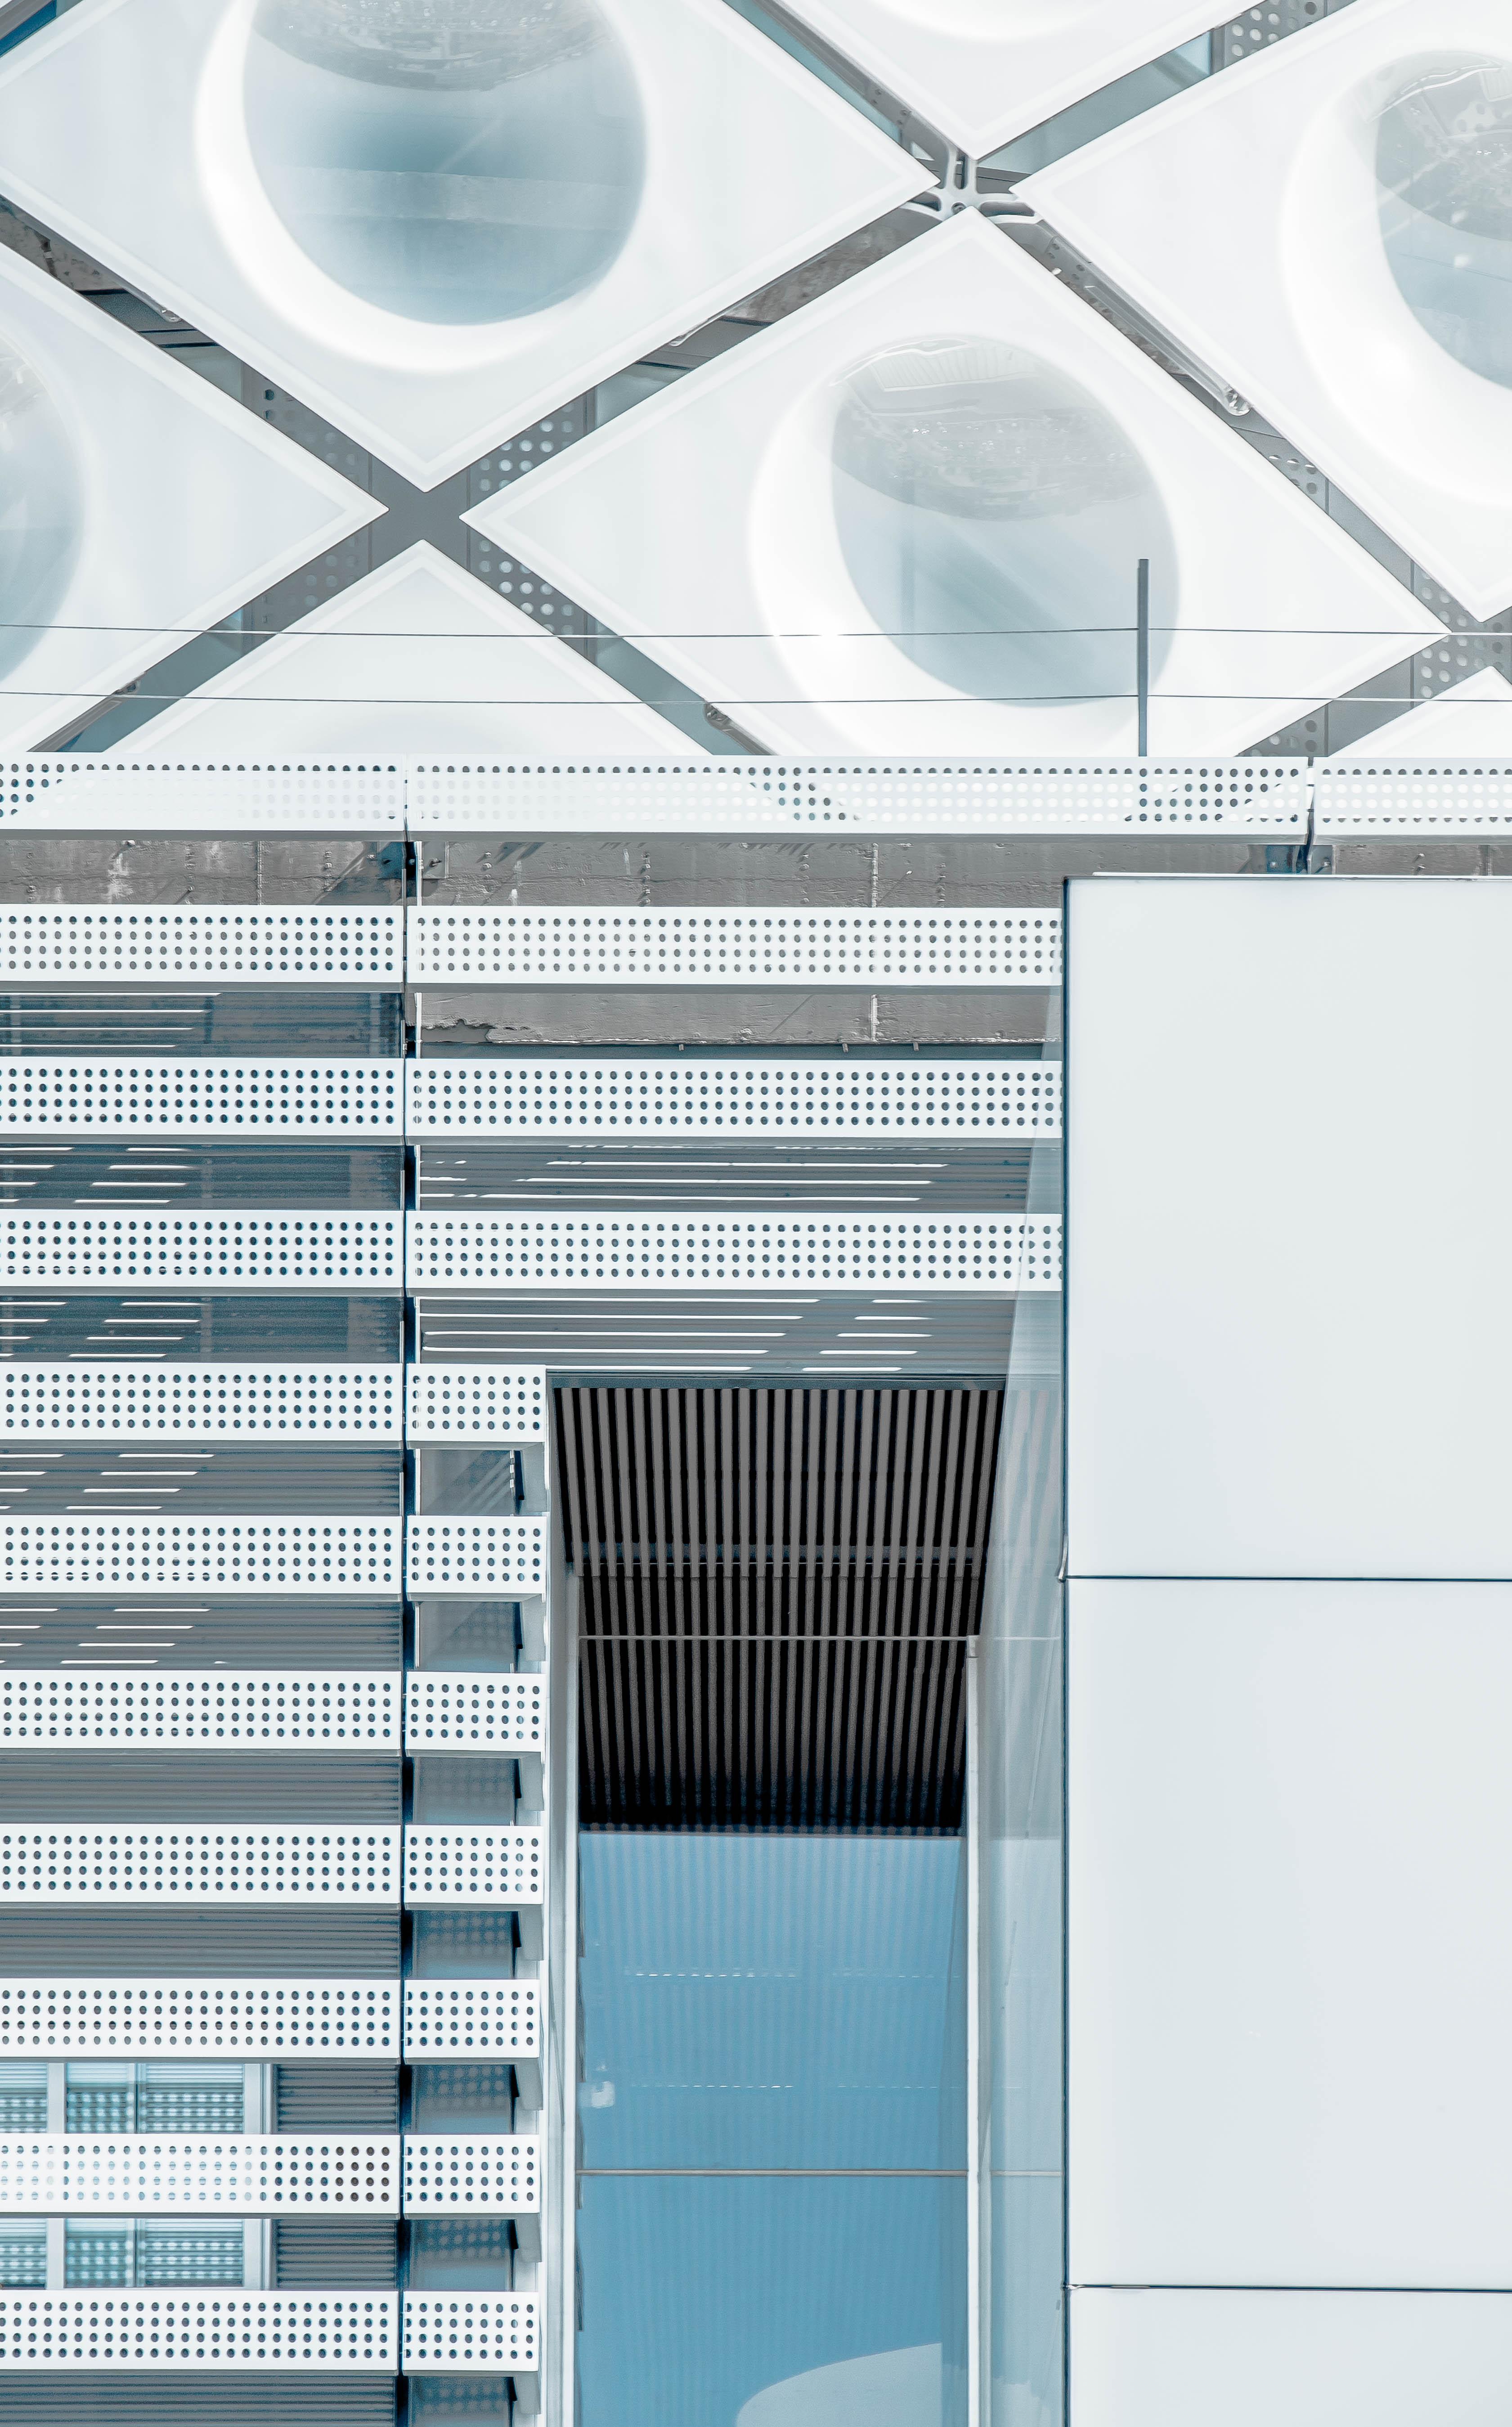 建築 窓 建物 天井 ライン ファサード ポイント インテリア・デザイン 設計 ミニマリズム 窓覆い